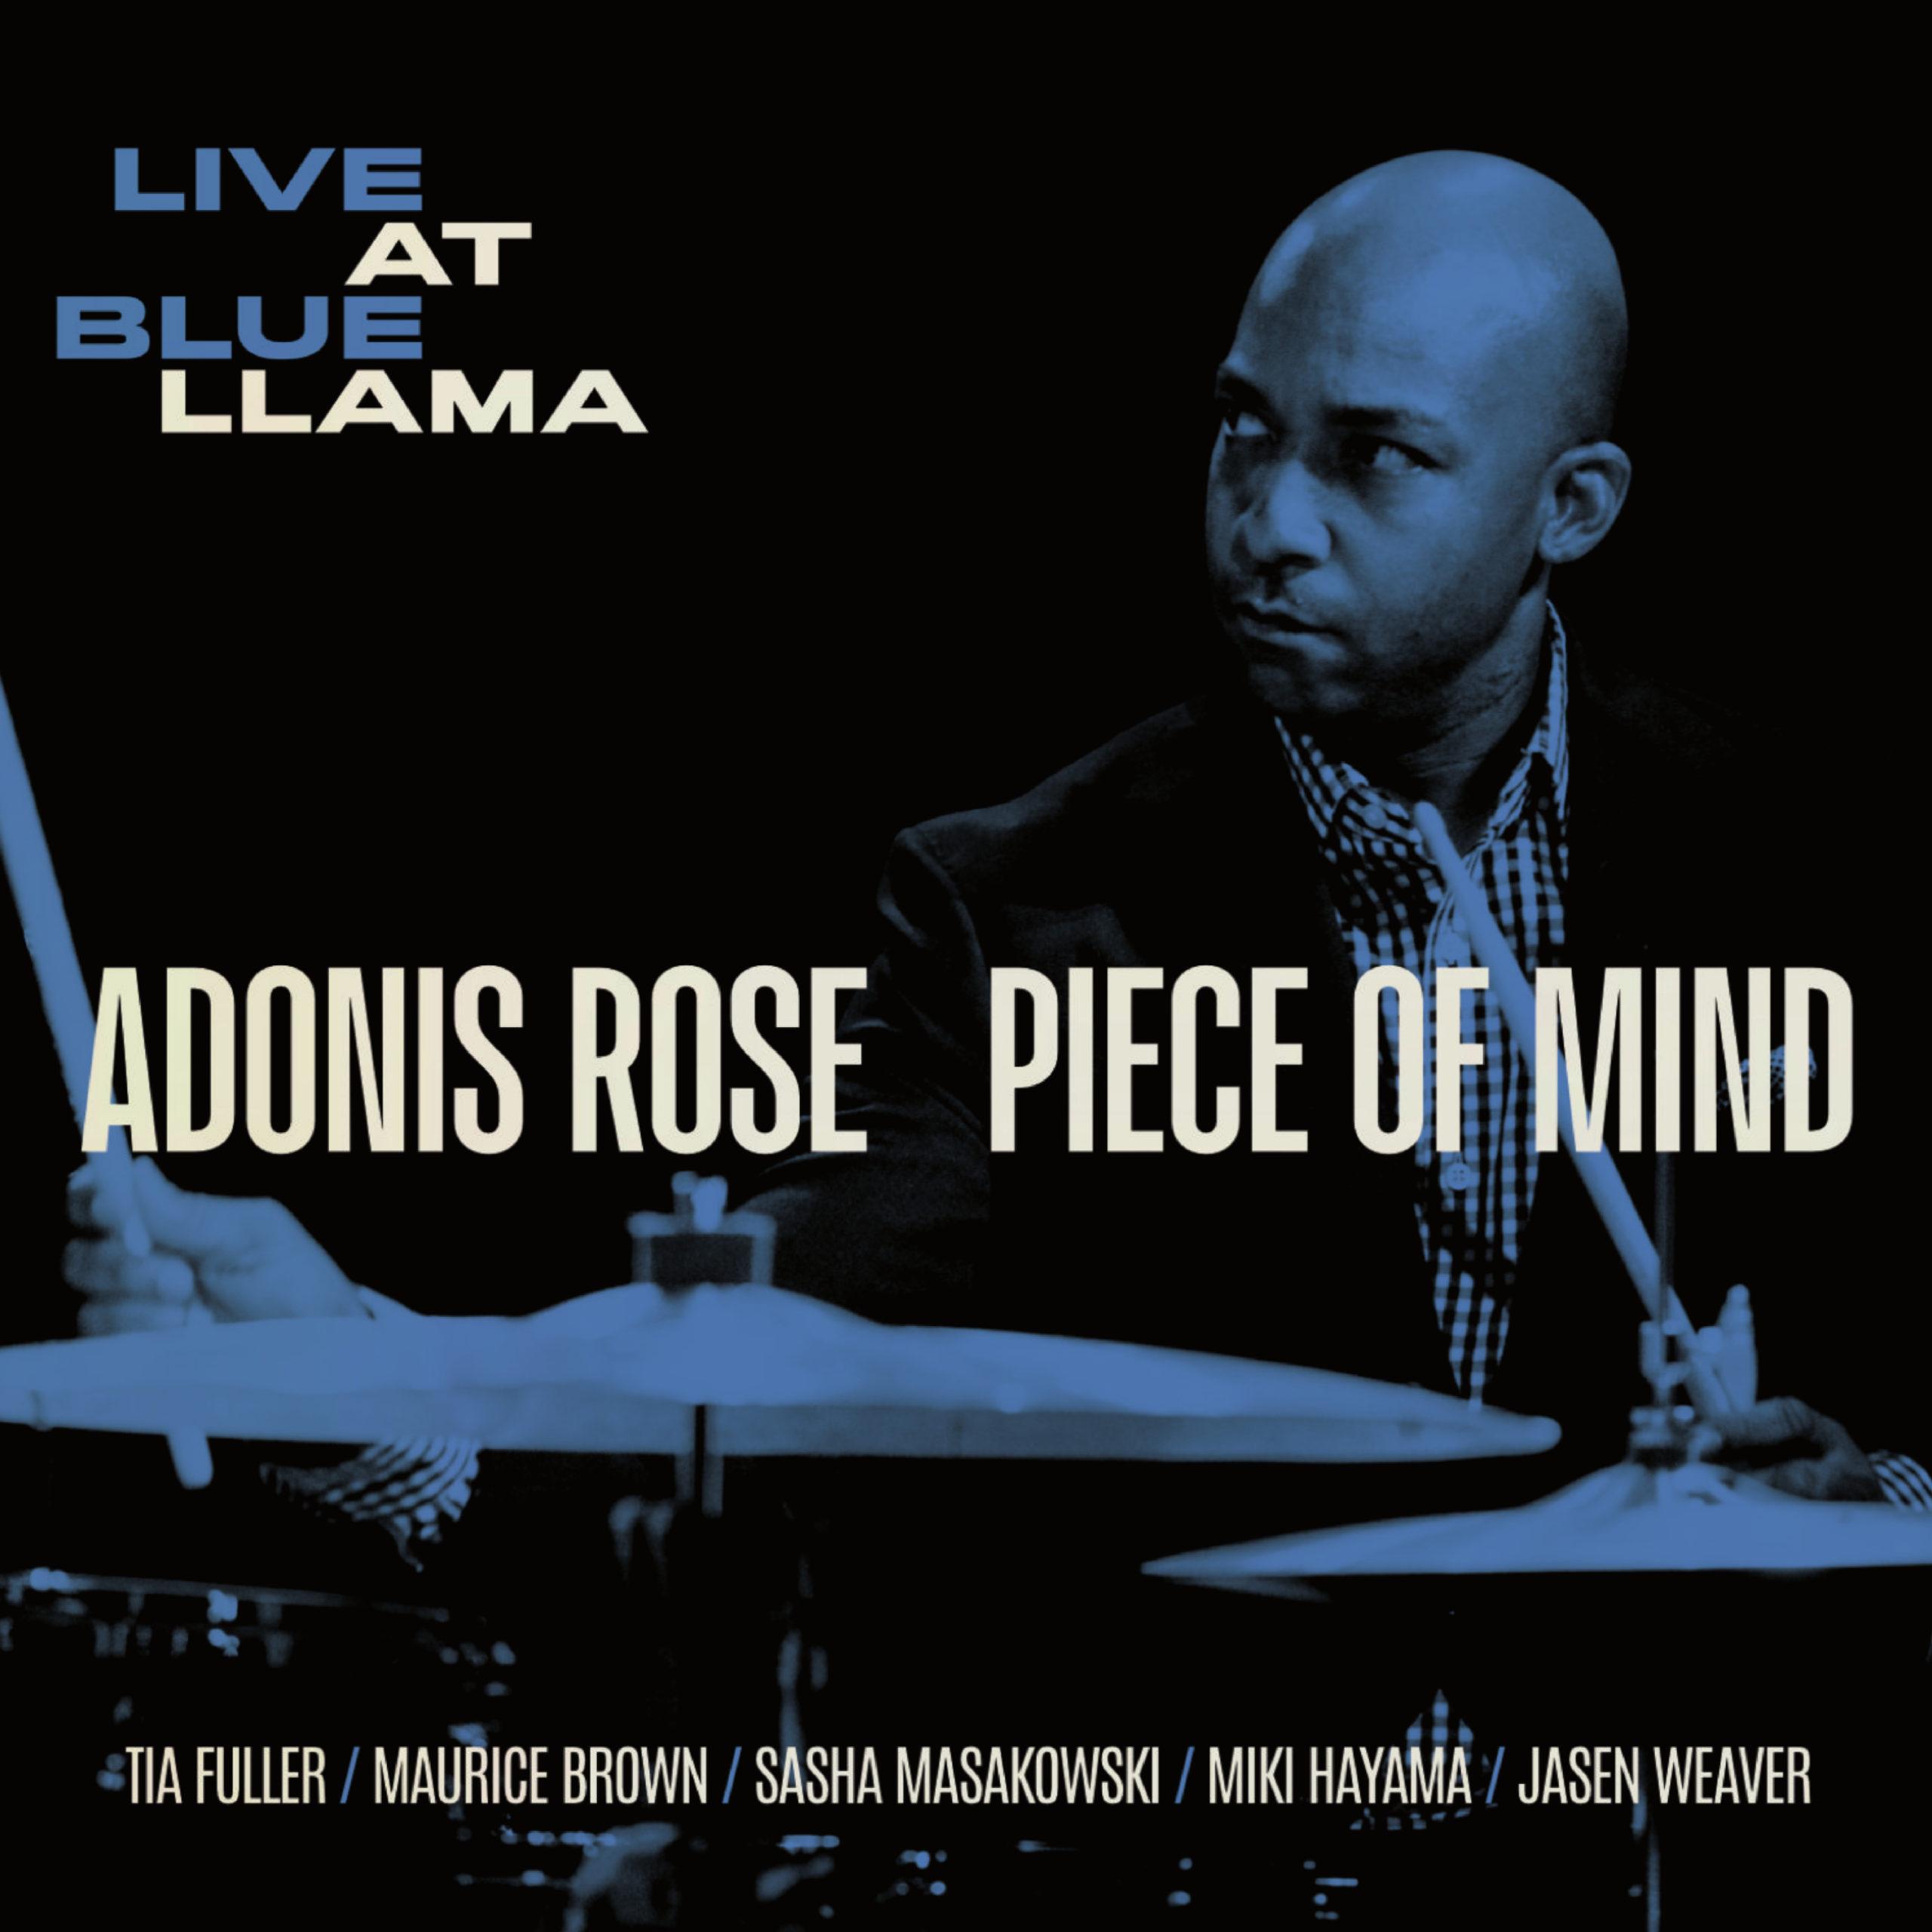 Adonis Rose